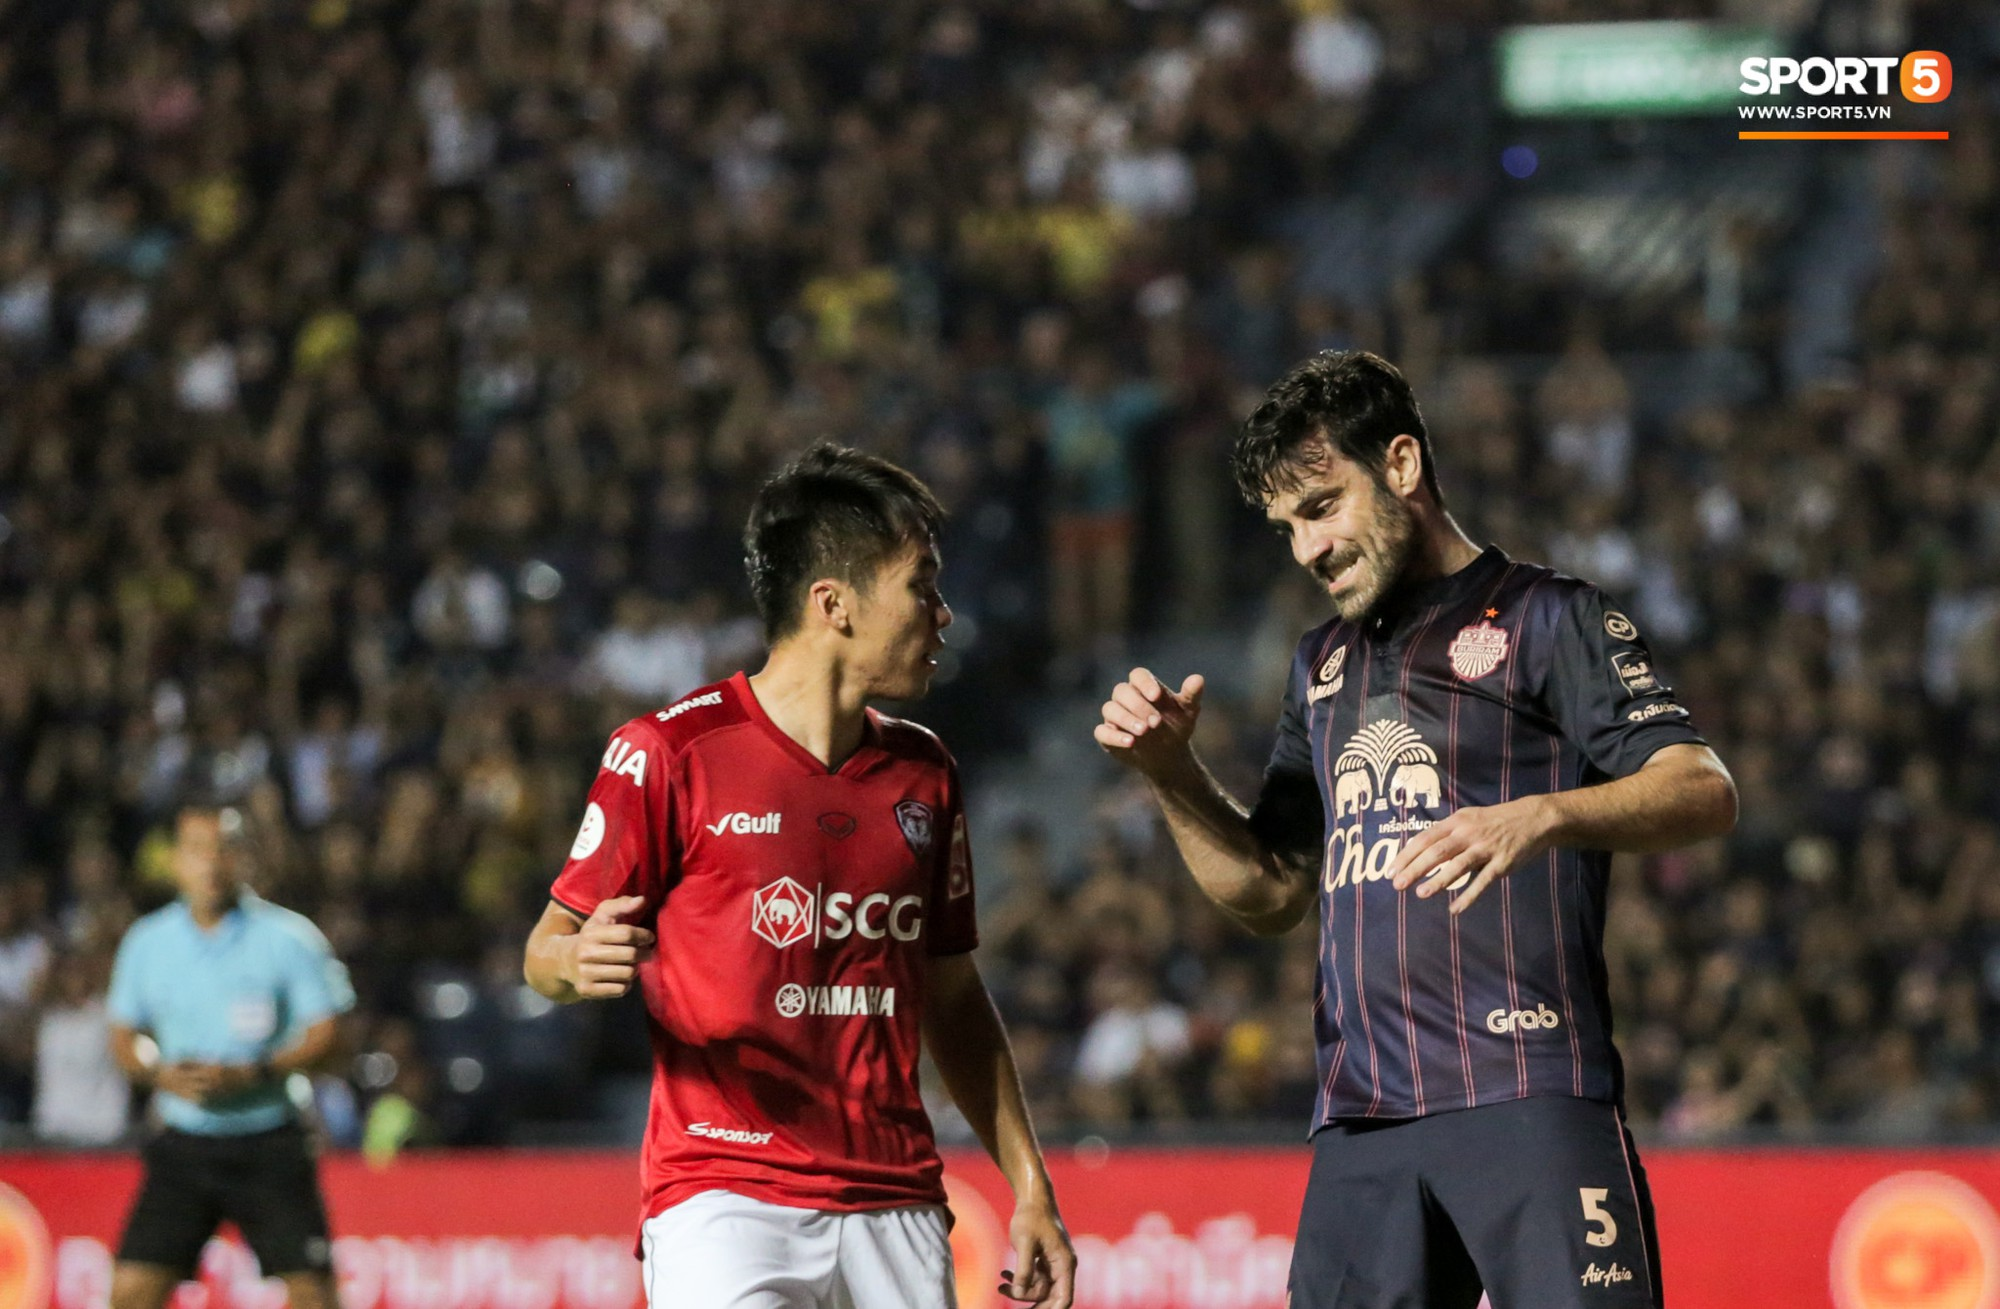 Bạn thân Xuân Trường điển trai, để lại hình ảnh ấm áp về tình phụ tử trước trận derby bóng đá Thái - Ảnh 9.